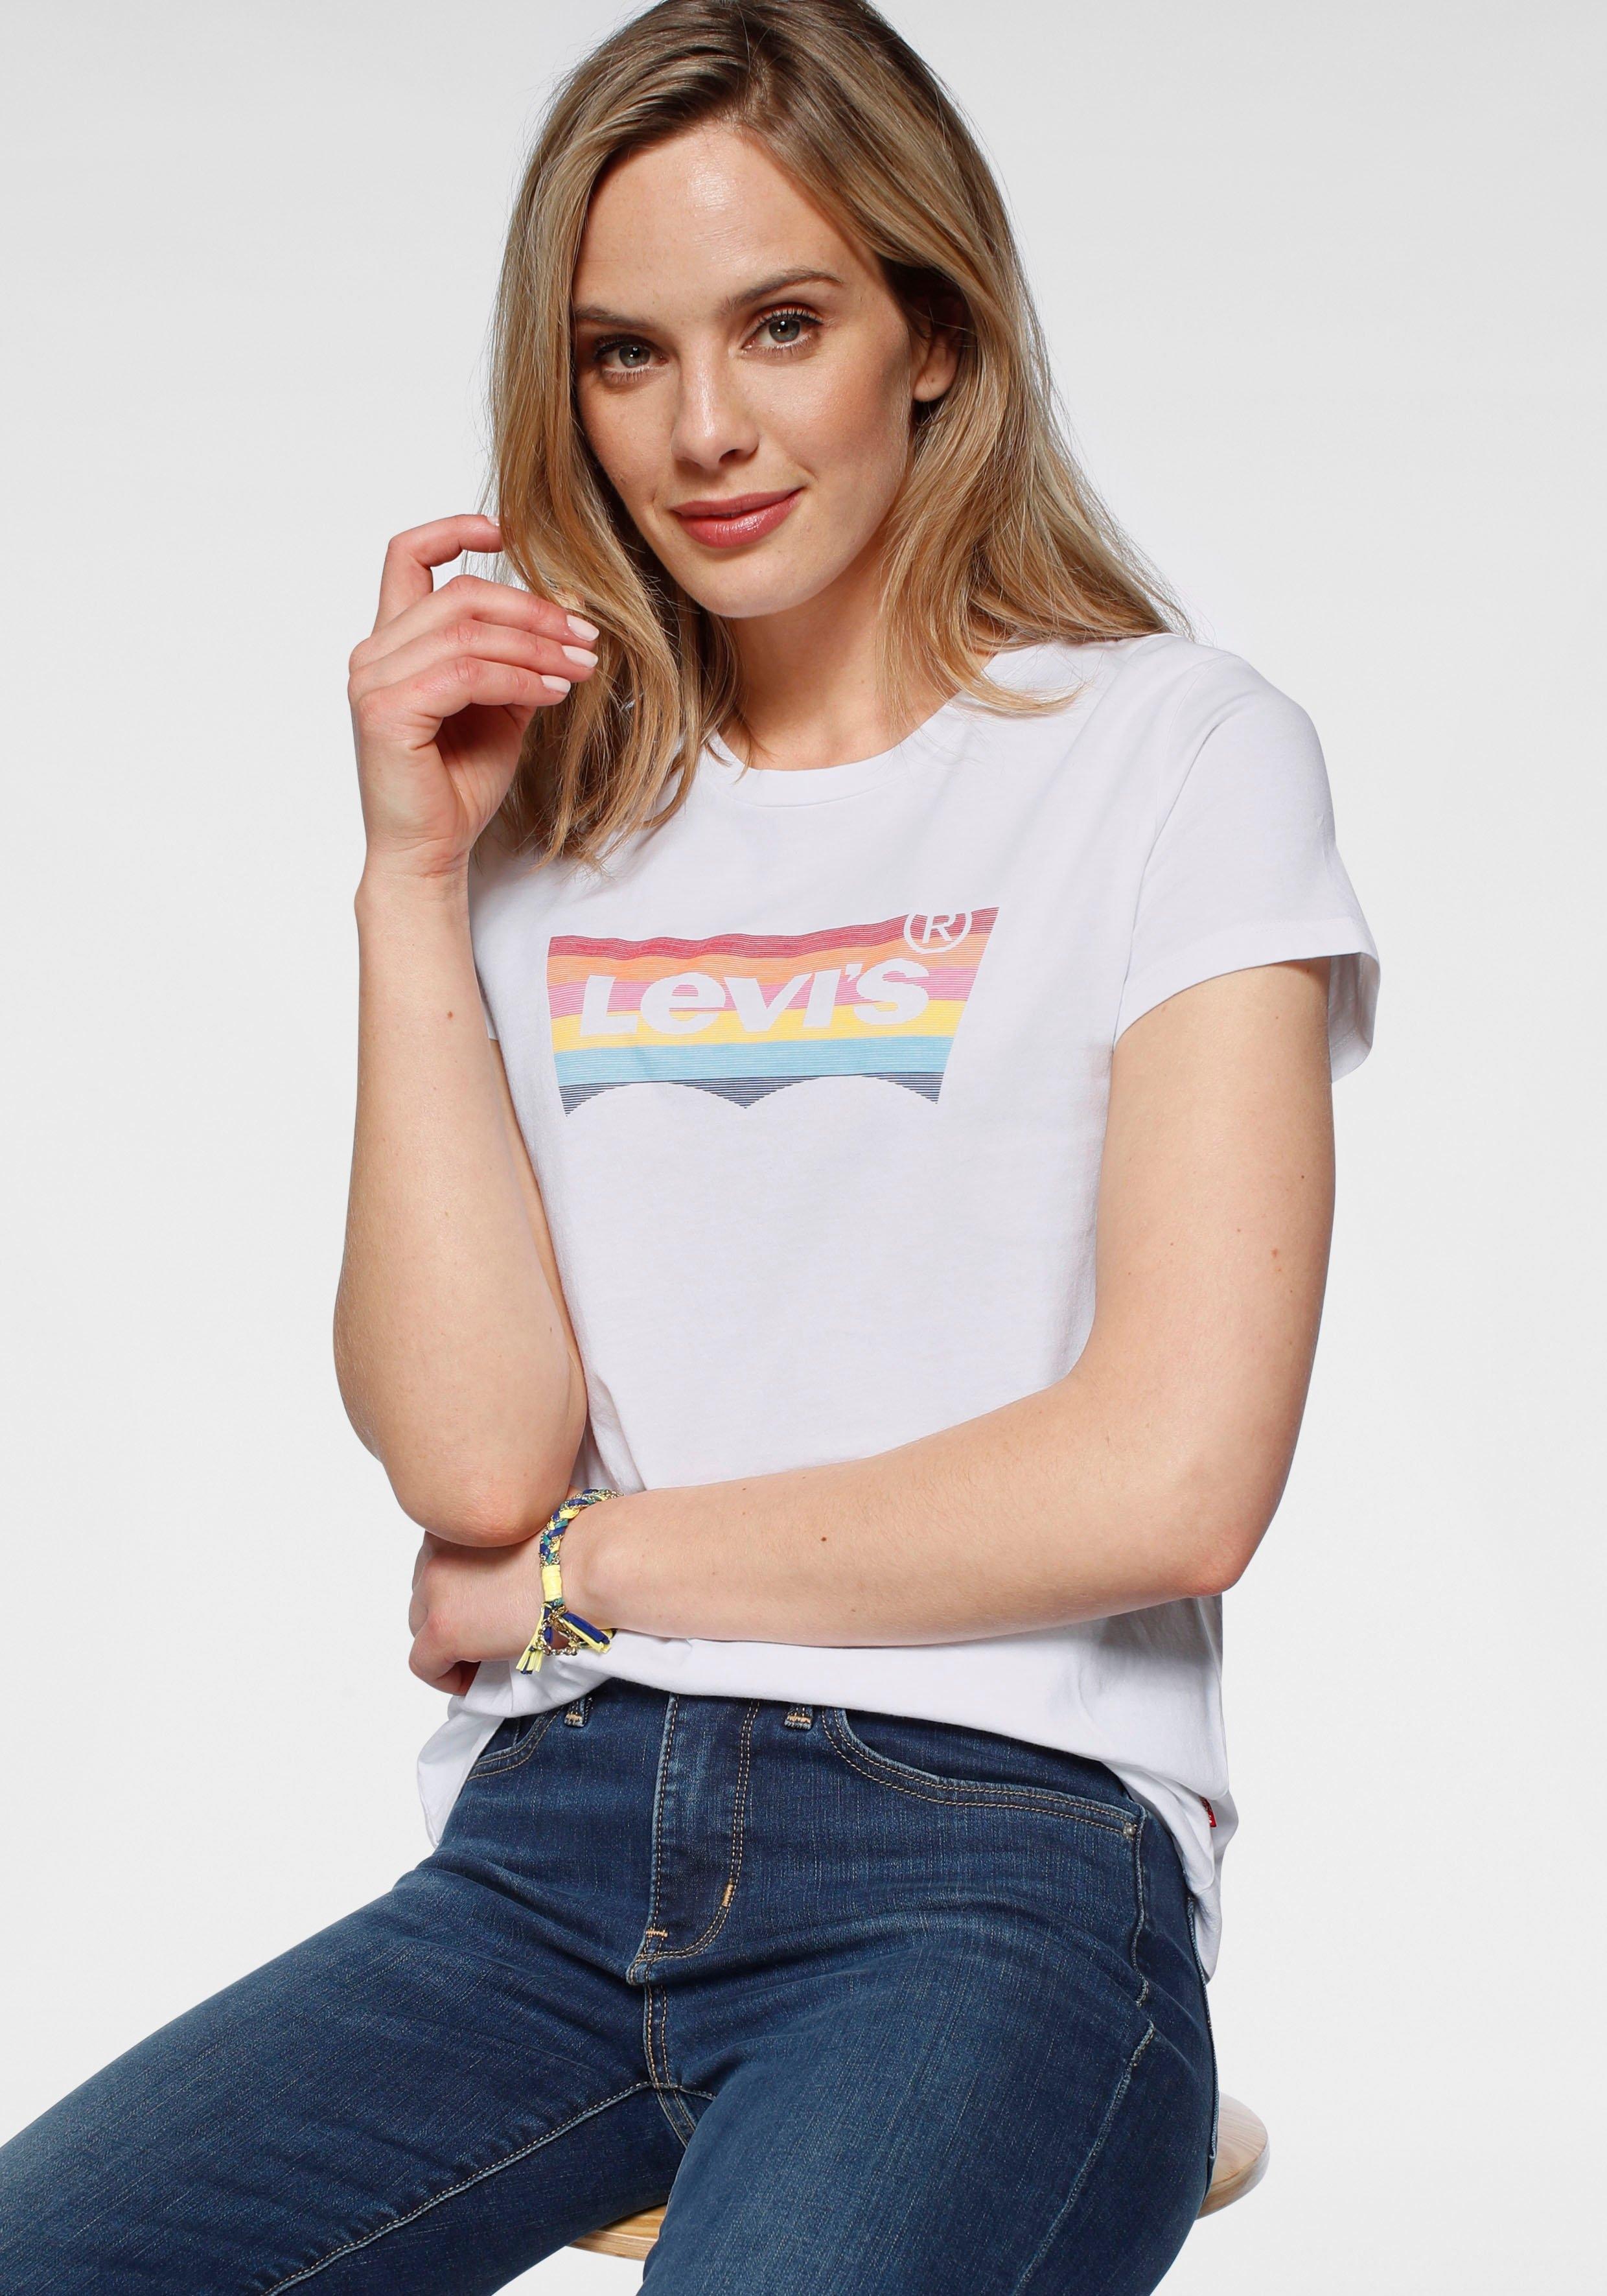 Levi's T-shirt The Perfect Tee Pride Edition Print in de kleuren van de regenboog - gratis ruilen op otto.nl